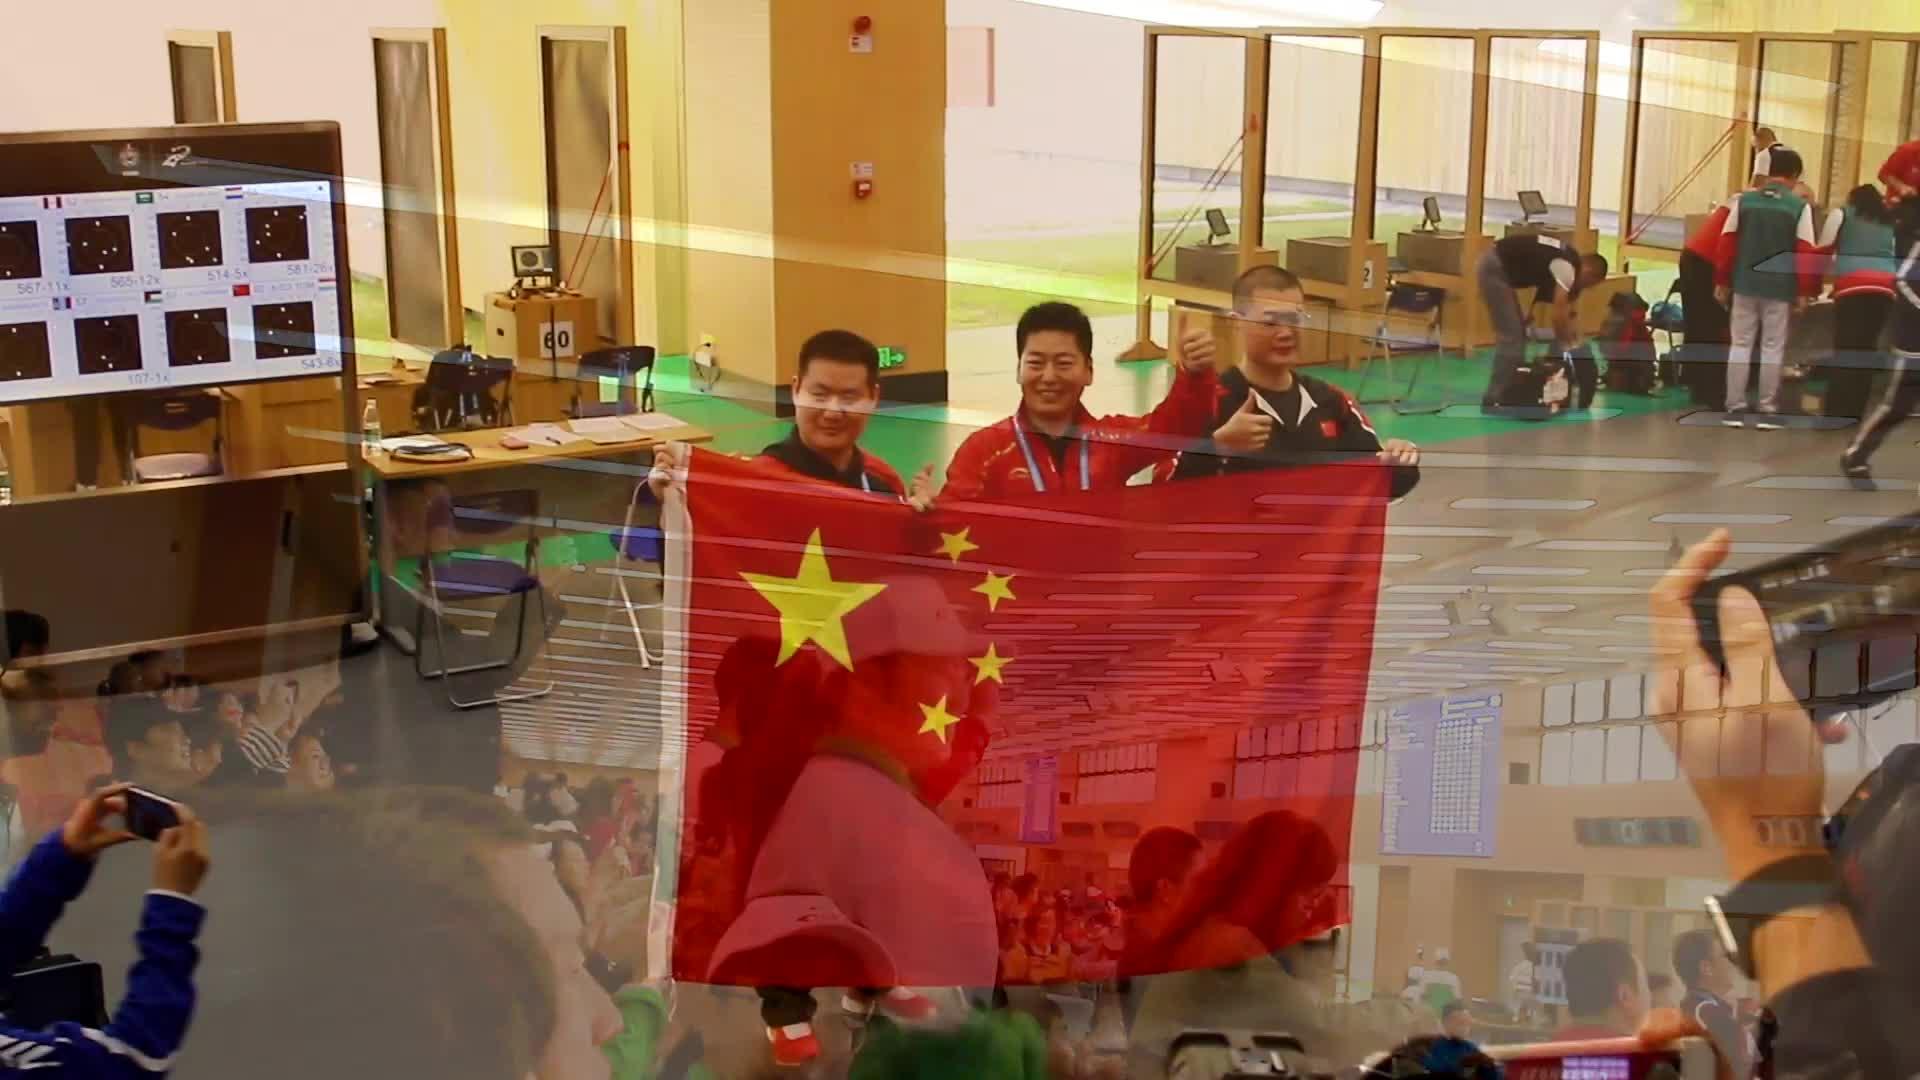 中国斩获首金,现场瞬间掌声雷动